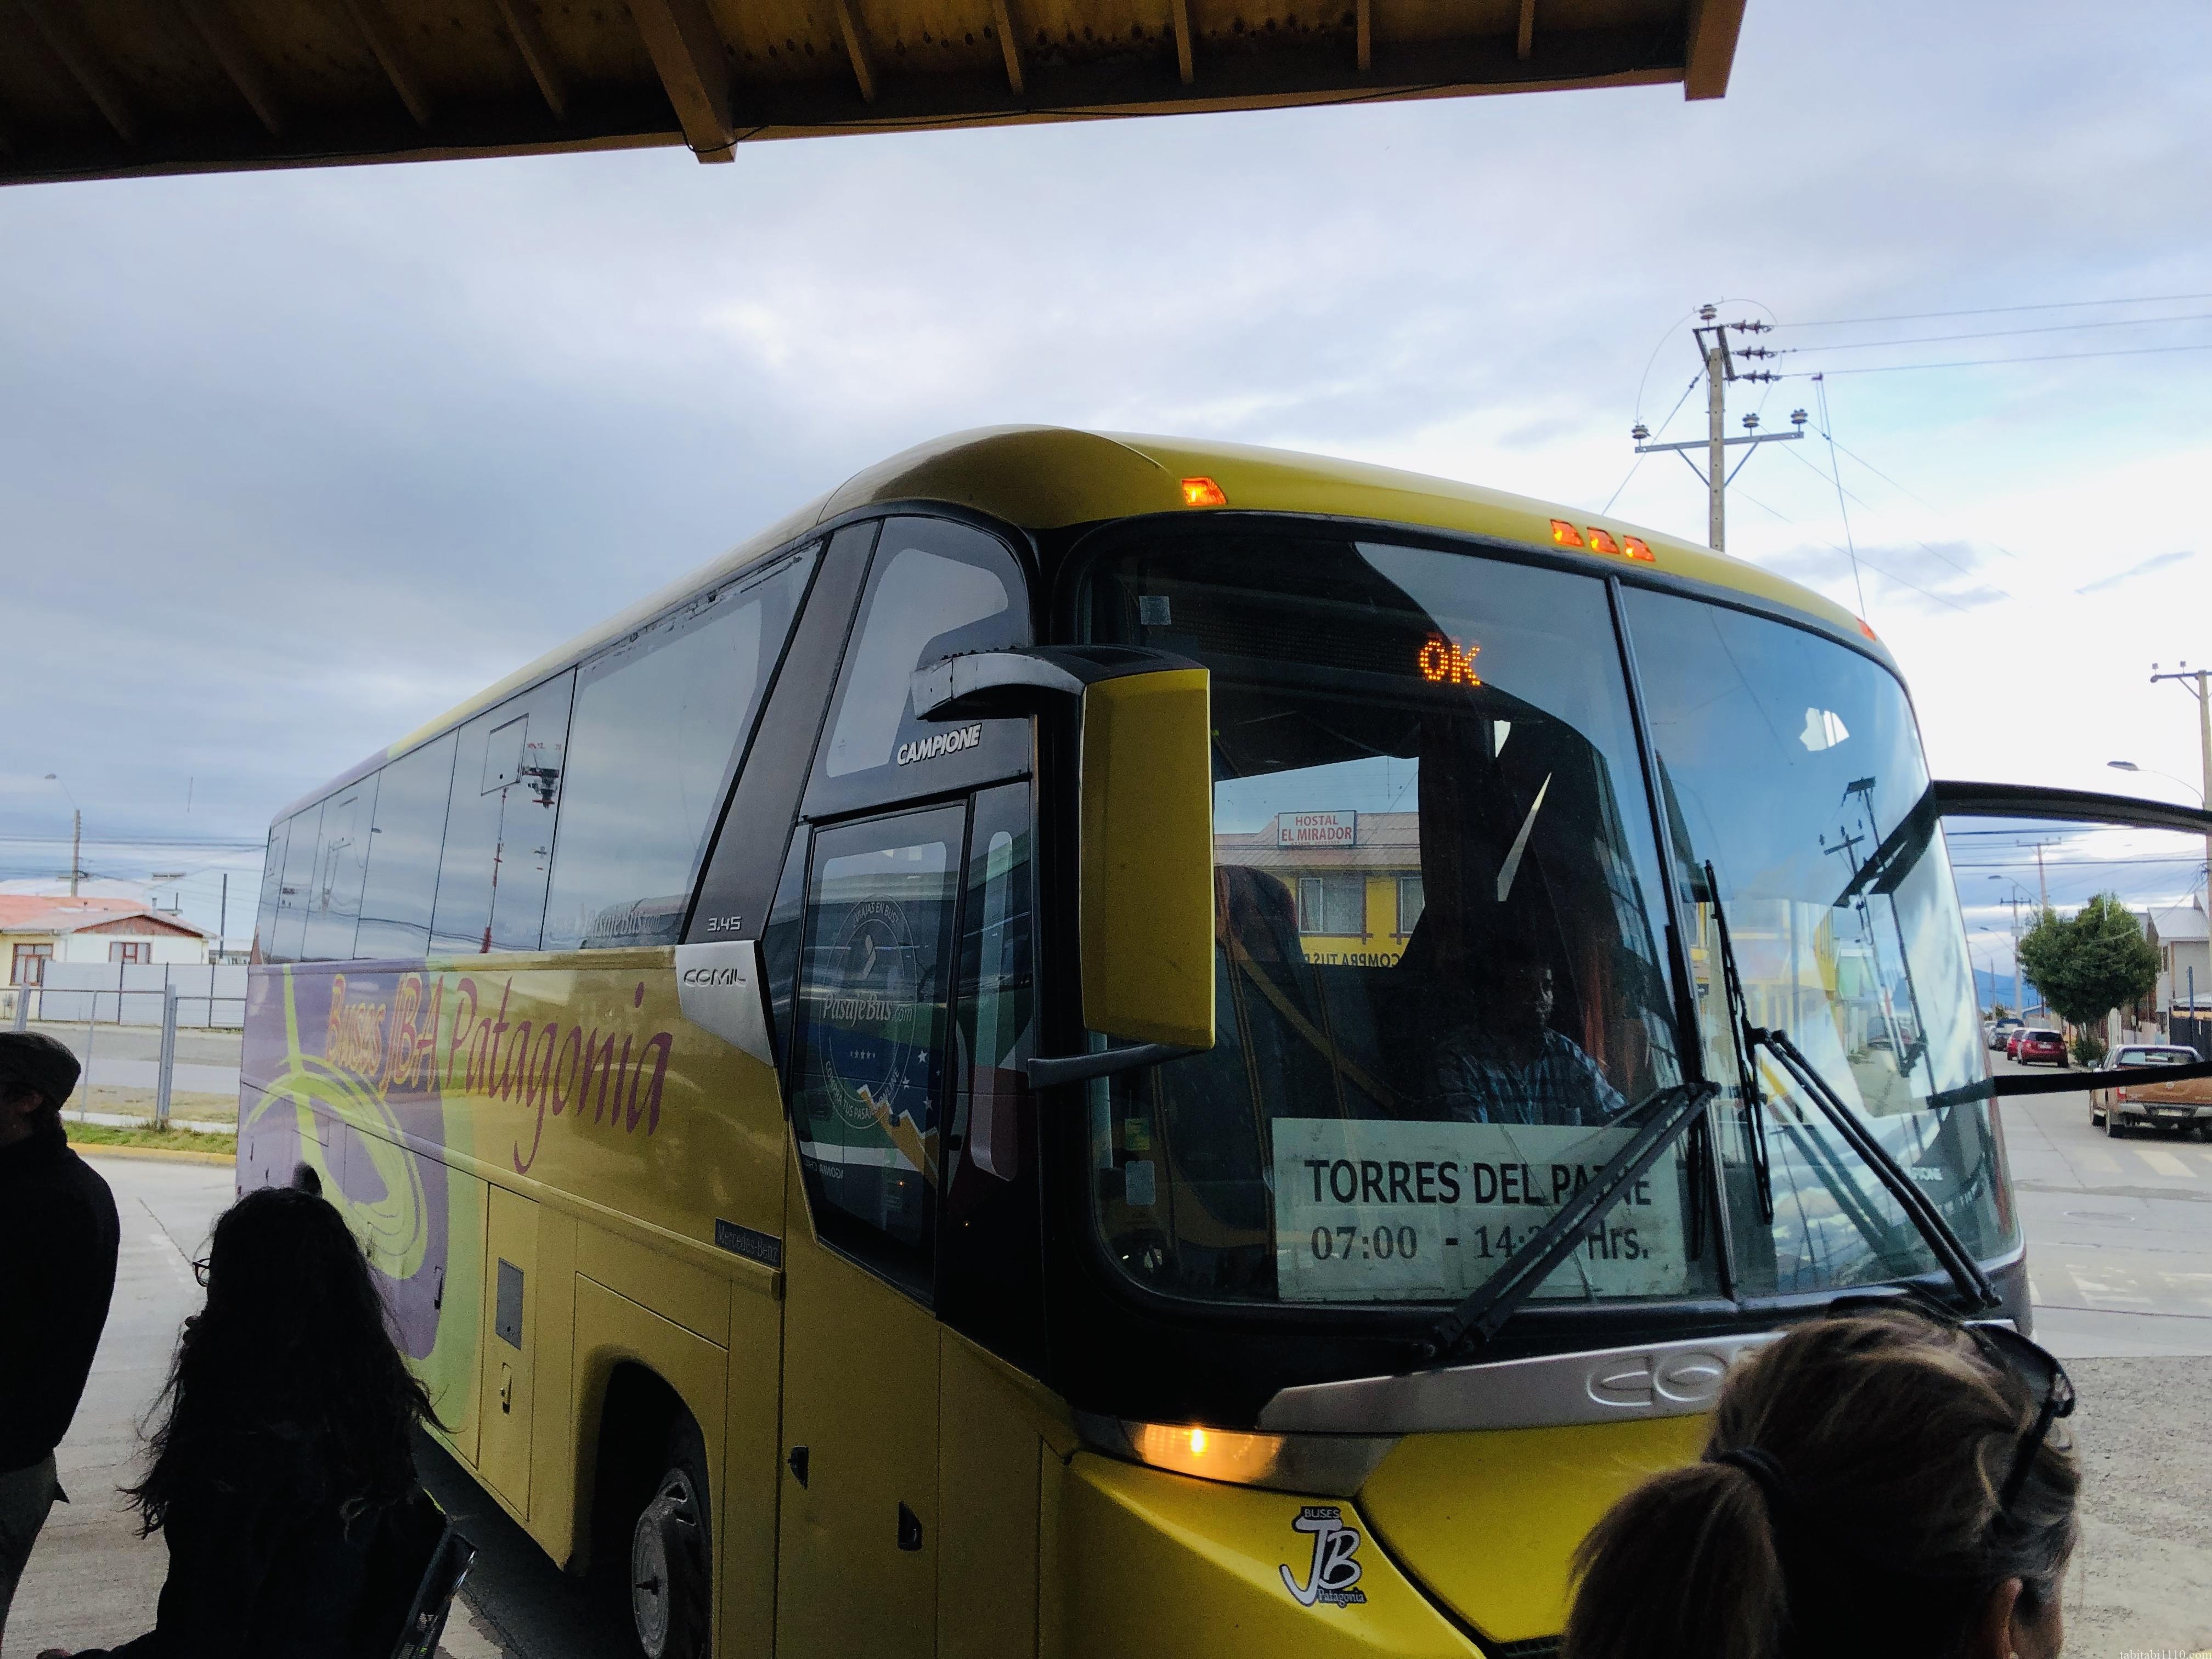 パイネ国立公園行きバス